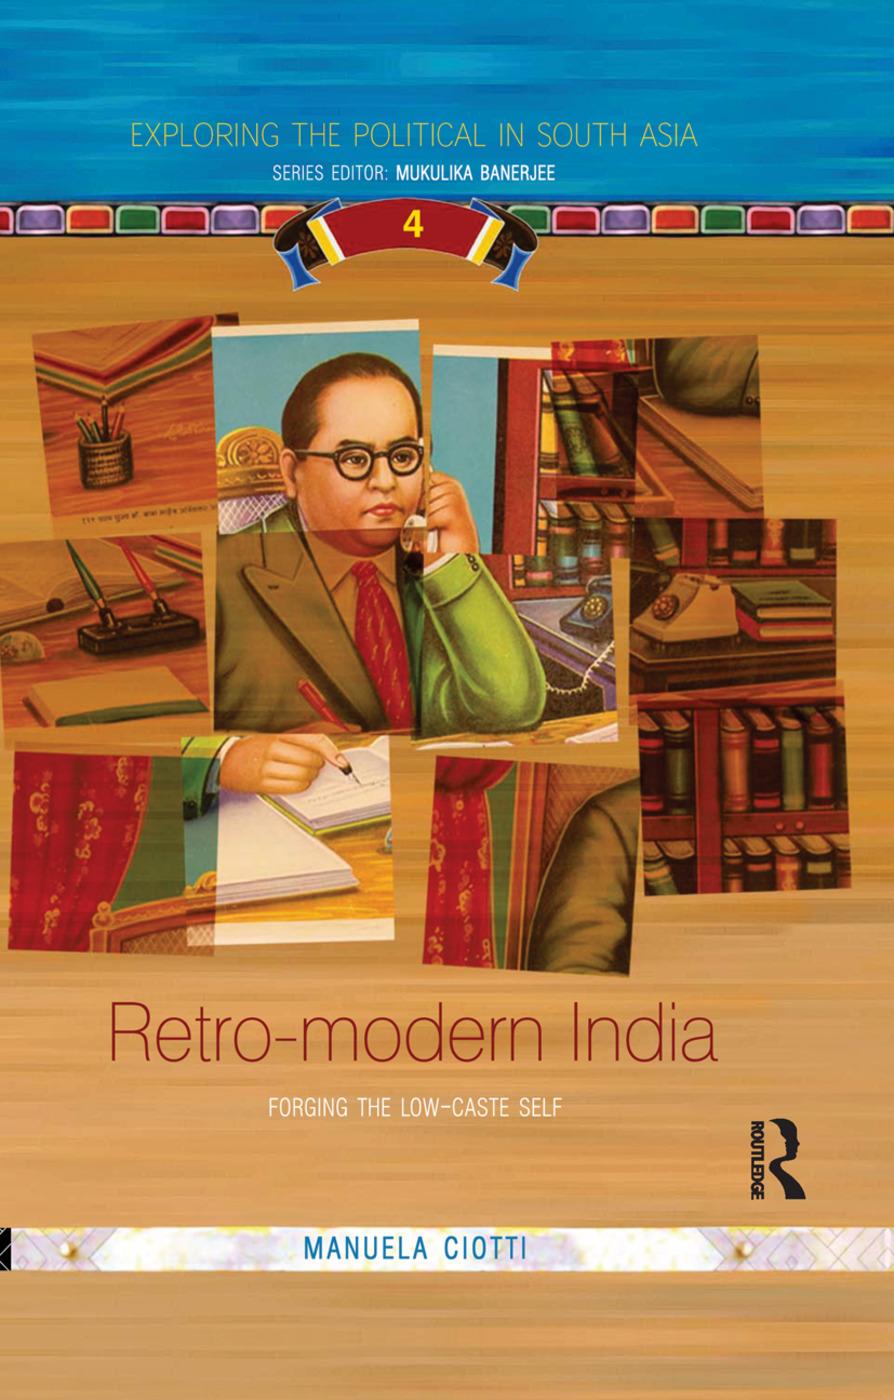 Retro-modern India: Forging the Low-caste Self book cover